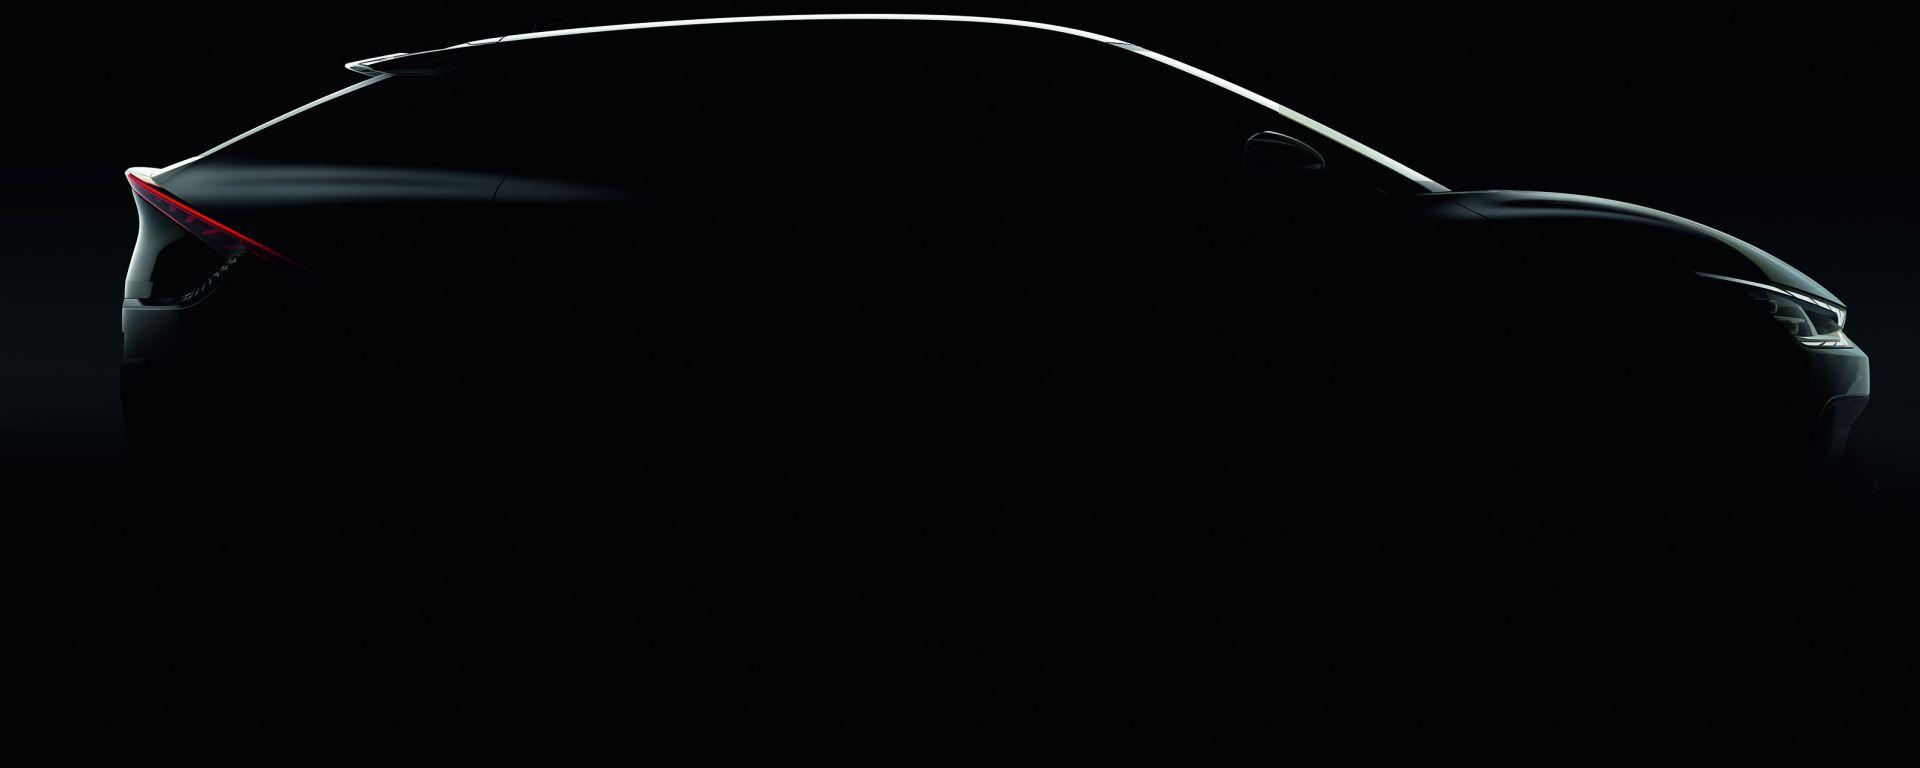 Kia EV6, primi teaser del nuovo SUV elettrico Kia 2022